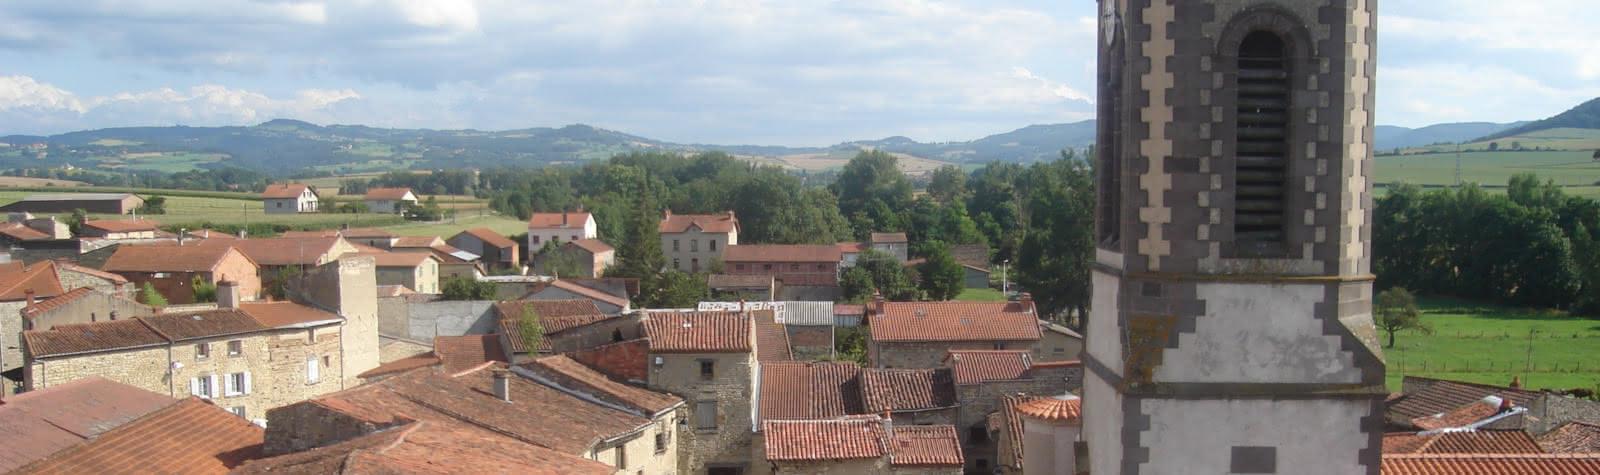 Les escapades du dimanche : Les forts villageois auvergnats